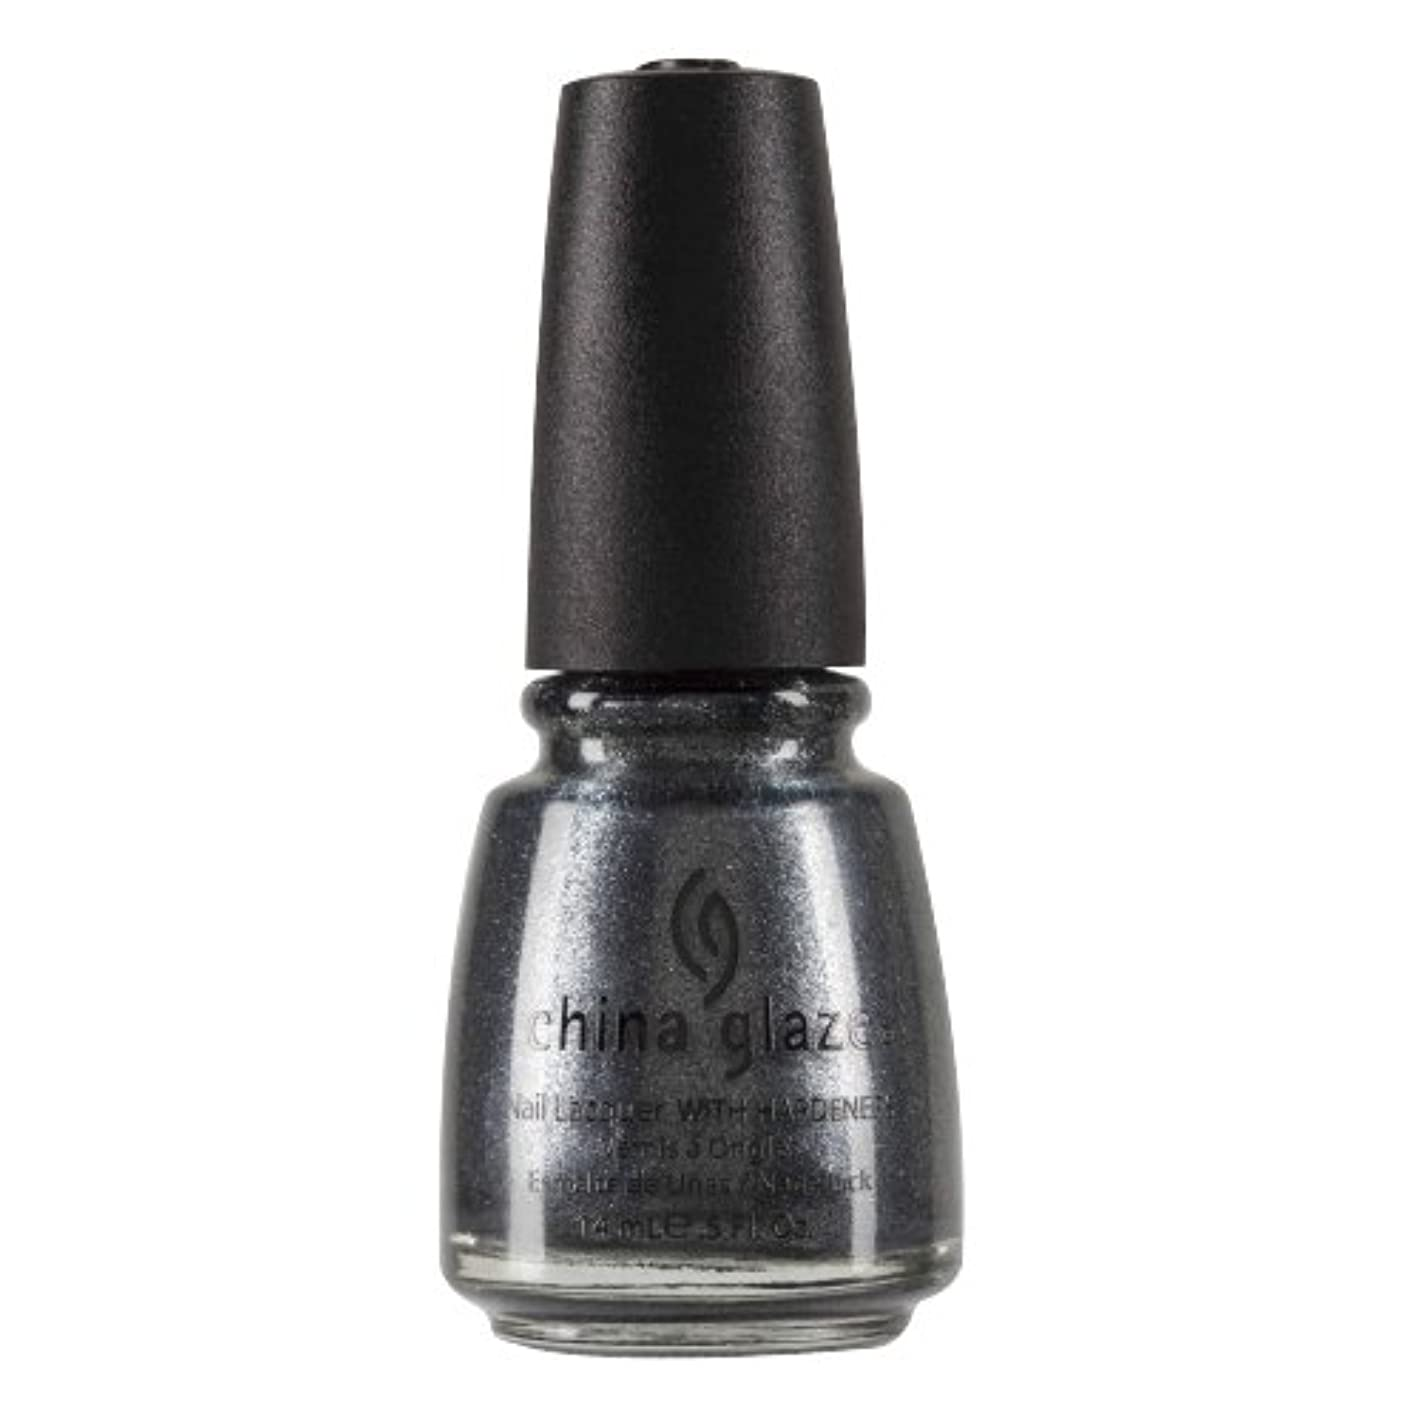 帝国トリップスリラーCHINA GLAZE Nail Lacquer with Nail Hardner 2 - Jitterbug (並行輸入品)